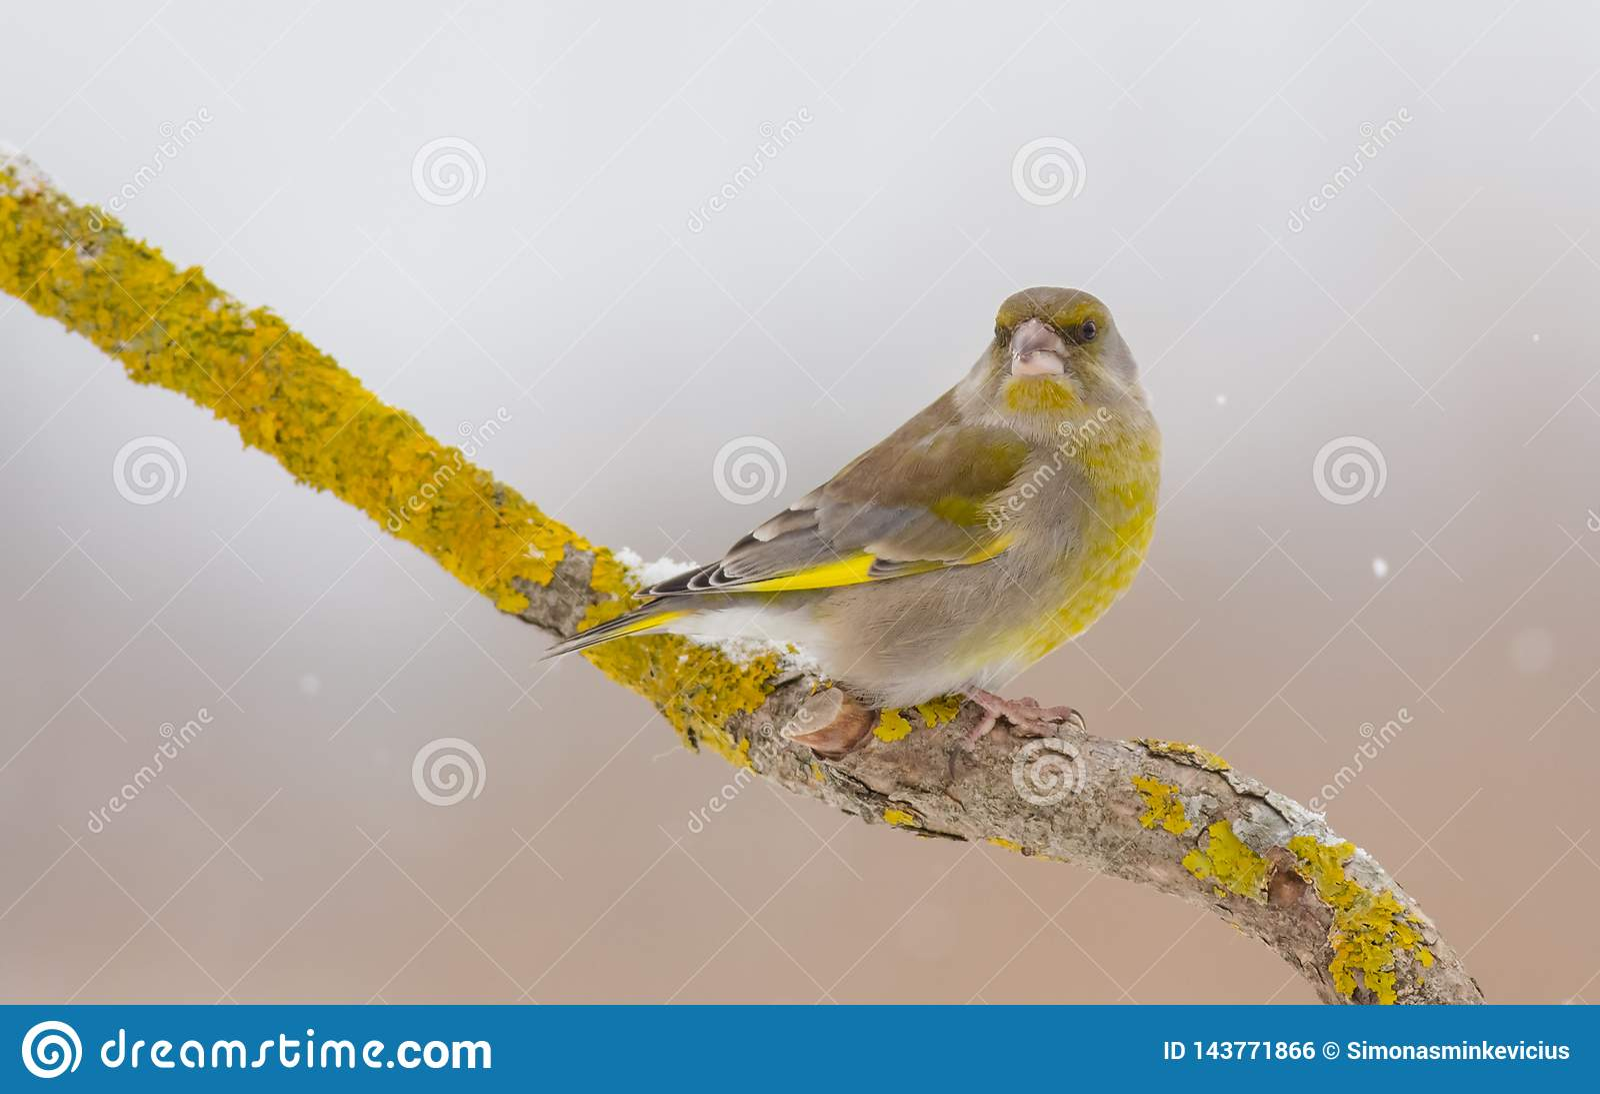 Ευρωπαϊκό greenfinch - chloris Chloris